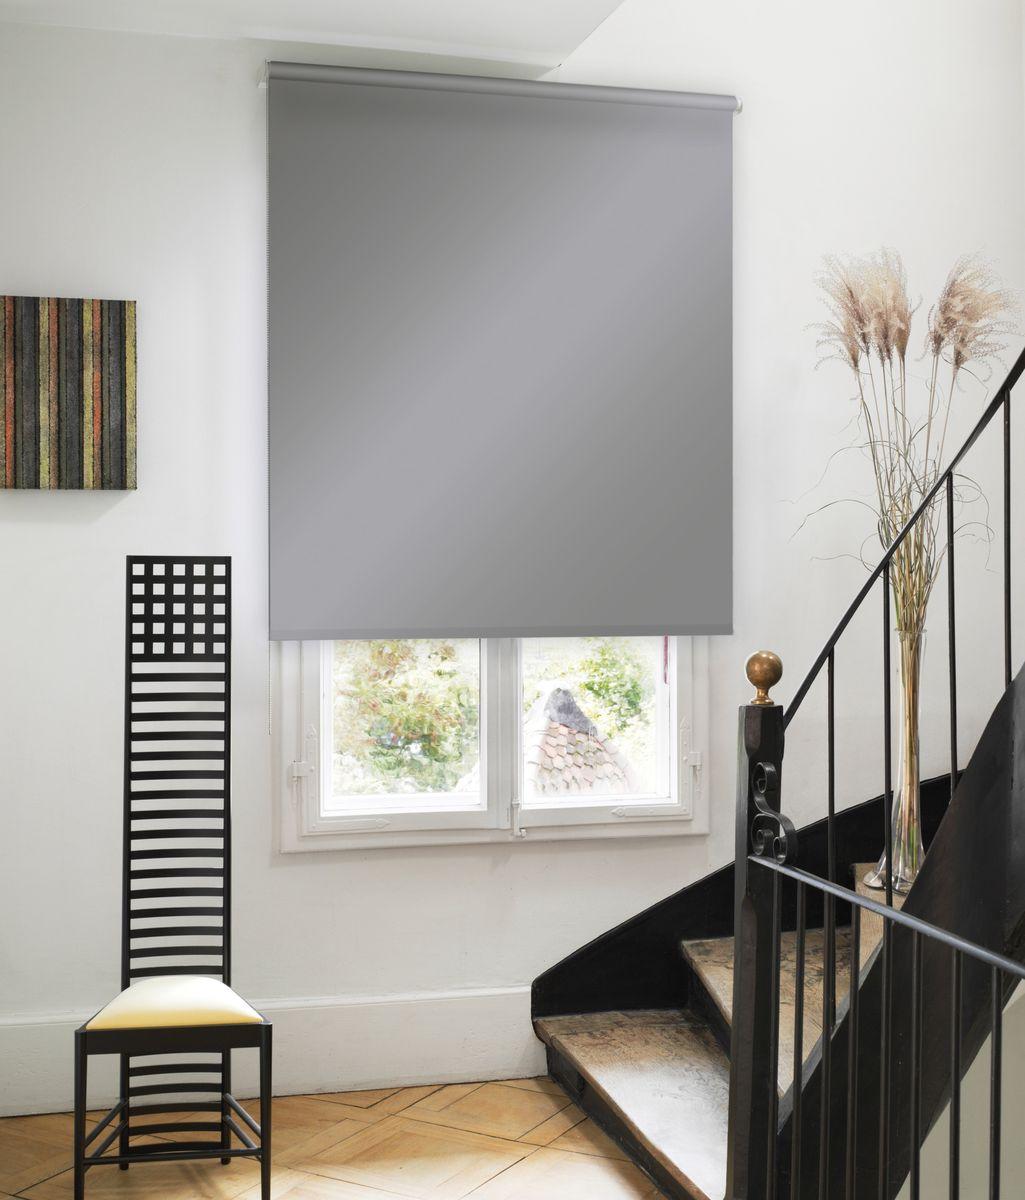 Штора рулонная Эскар Миниролло, цвет: серый, ширина 90 см, высота 170 см31020090170Рулонными шторами можно оформлять окна как самостоятельно, так и использовать в комбинации с портьерами. Это поможет предотвратить выгорание дорогой ткани на солнце и соединит функционал рулонных с красотой навесных. Преимущества применения рулонных штор для пластиковых окон: - имеют прекрасный внешний вид: многообразие и фактурность материала изделия отлично смотрятся в любом интерьере;- многофункциональны: есть возможность подобрать шторы способные эффективно защитить комнату от солнца, при этом она не будет слишком темной. - Есть возможность осуществить быстрый монтаж.ВНИМАНИЕ! Размеры ширины изделия указаны по ширине ткани! Во время эксплуатации не рекомендуется полностью разматывать рулон, чтобы не оторвать ткань от намоточного вала. В случае загрязнения поверхности ткани, чистку шторы проводят одним из способов, в зависимости от типа загрязнения:легкое поверхностное загрязнение можно удалить при помощи канцелярского ластика;чистка от пыли производится сухим методом при помощи пылесоса с мягкой щеткой-насадкой;для удаления пятна используйте мягкую губку с пенообразующим неагрессивным моющим средством или пятновыводитель на натуральной основе (нельзя применять растворители).